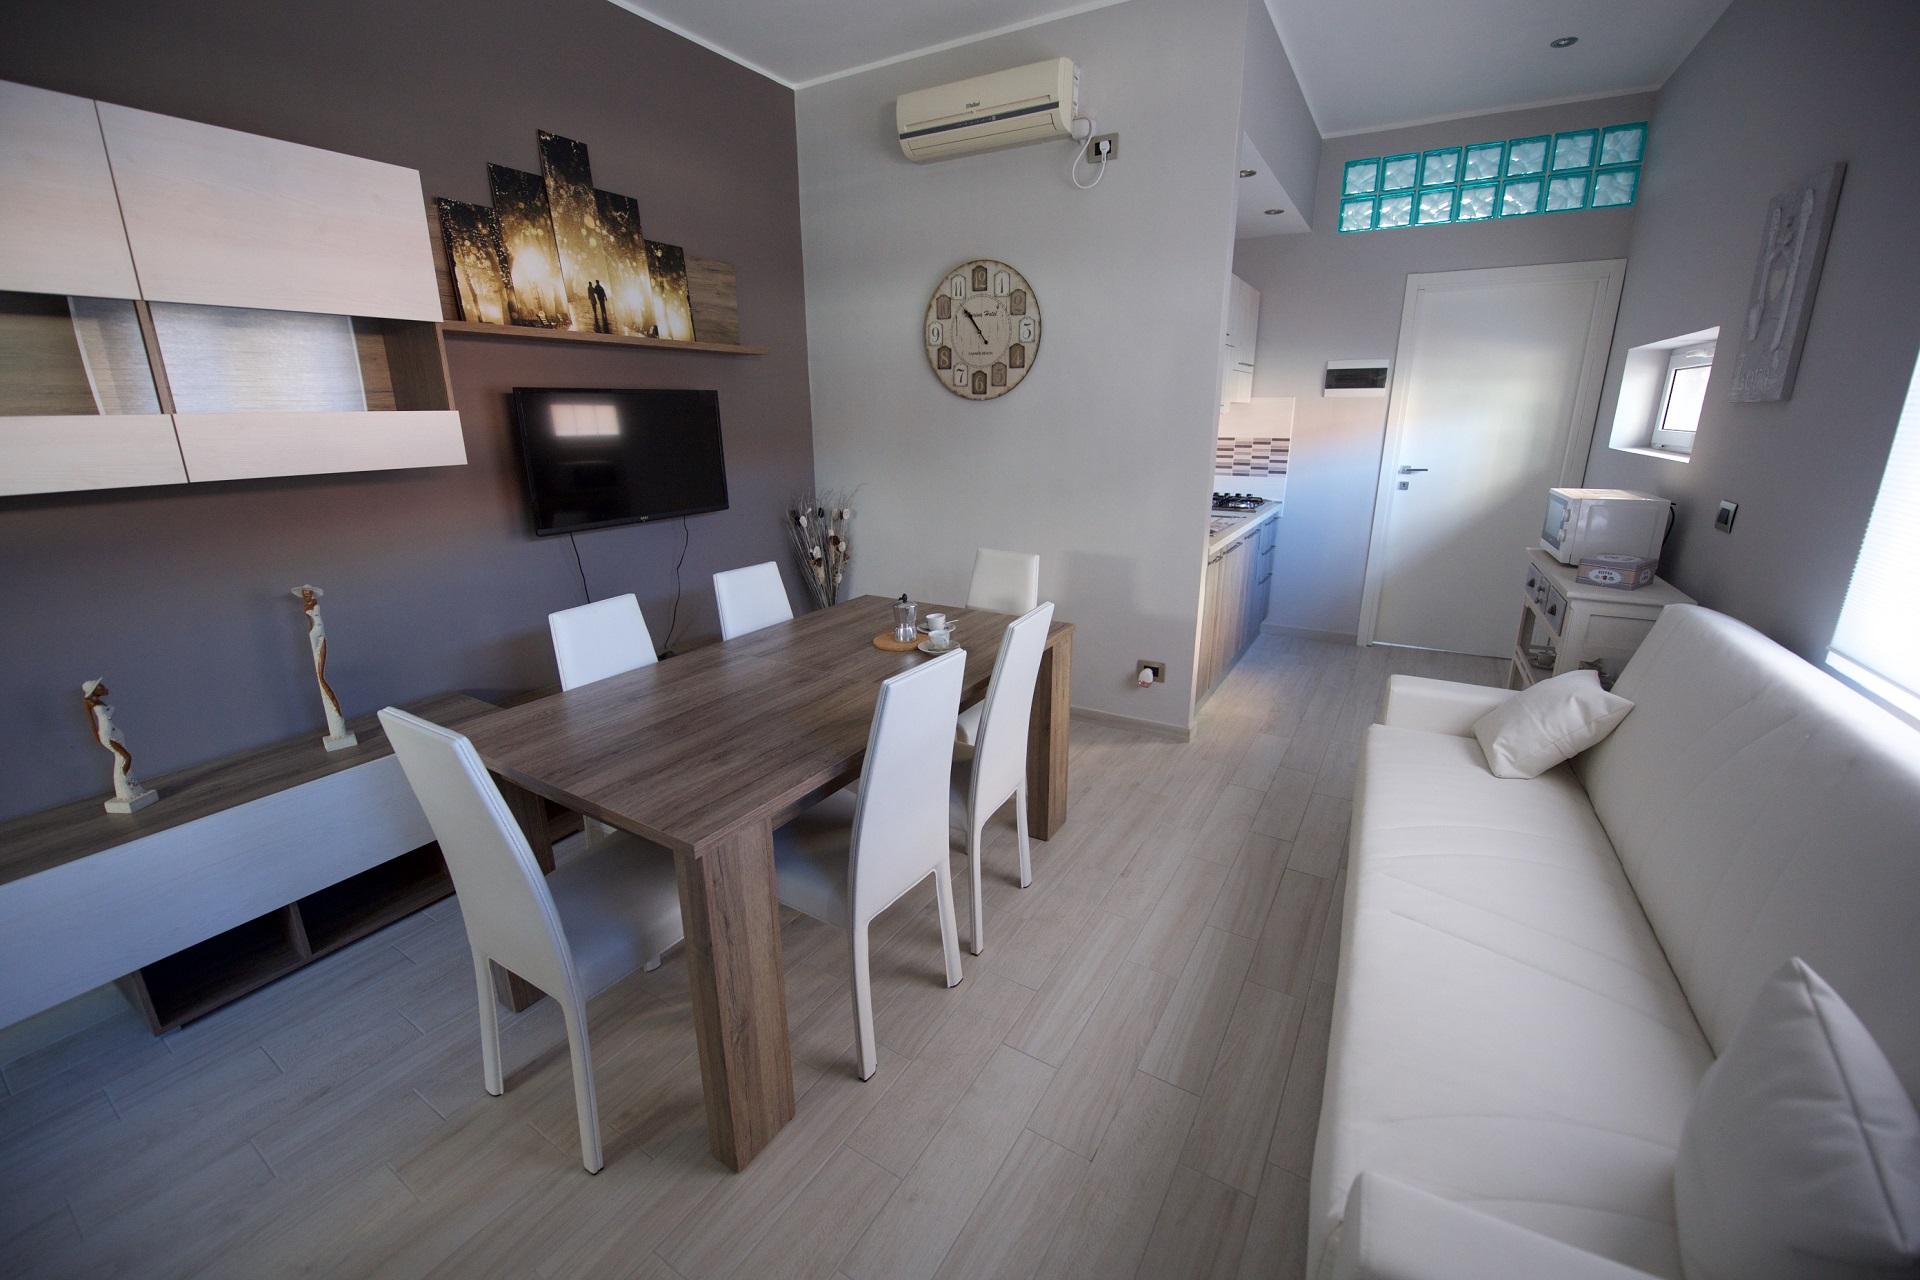 Appartamenti Casa Alice - Affitto Appartamenti Vacanze - Affitto Casa Vacanze - Savona, Albisola Speriore, Albissola Marina, Liguria | Appartamenti Vacanze Liguria | Case Vacanze in Liguria